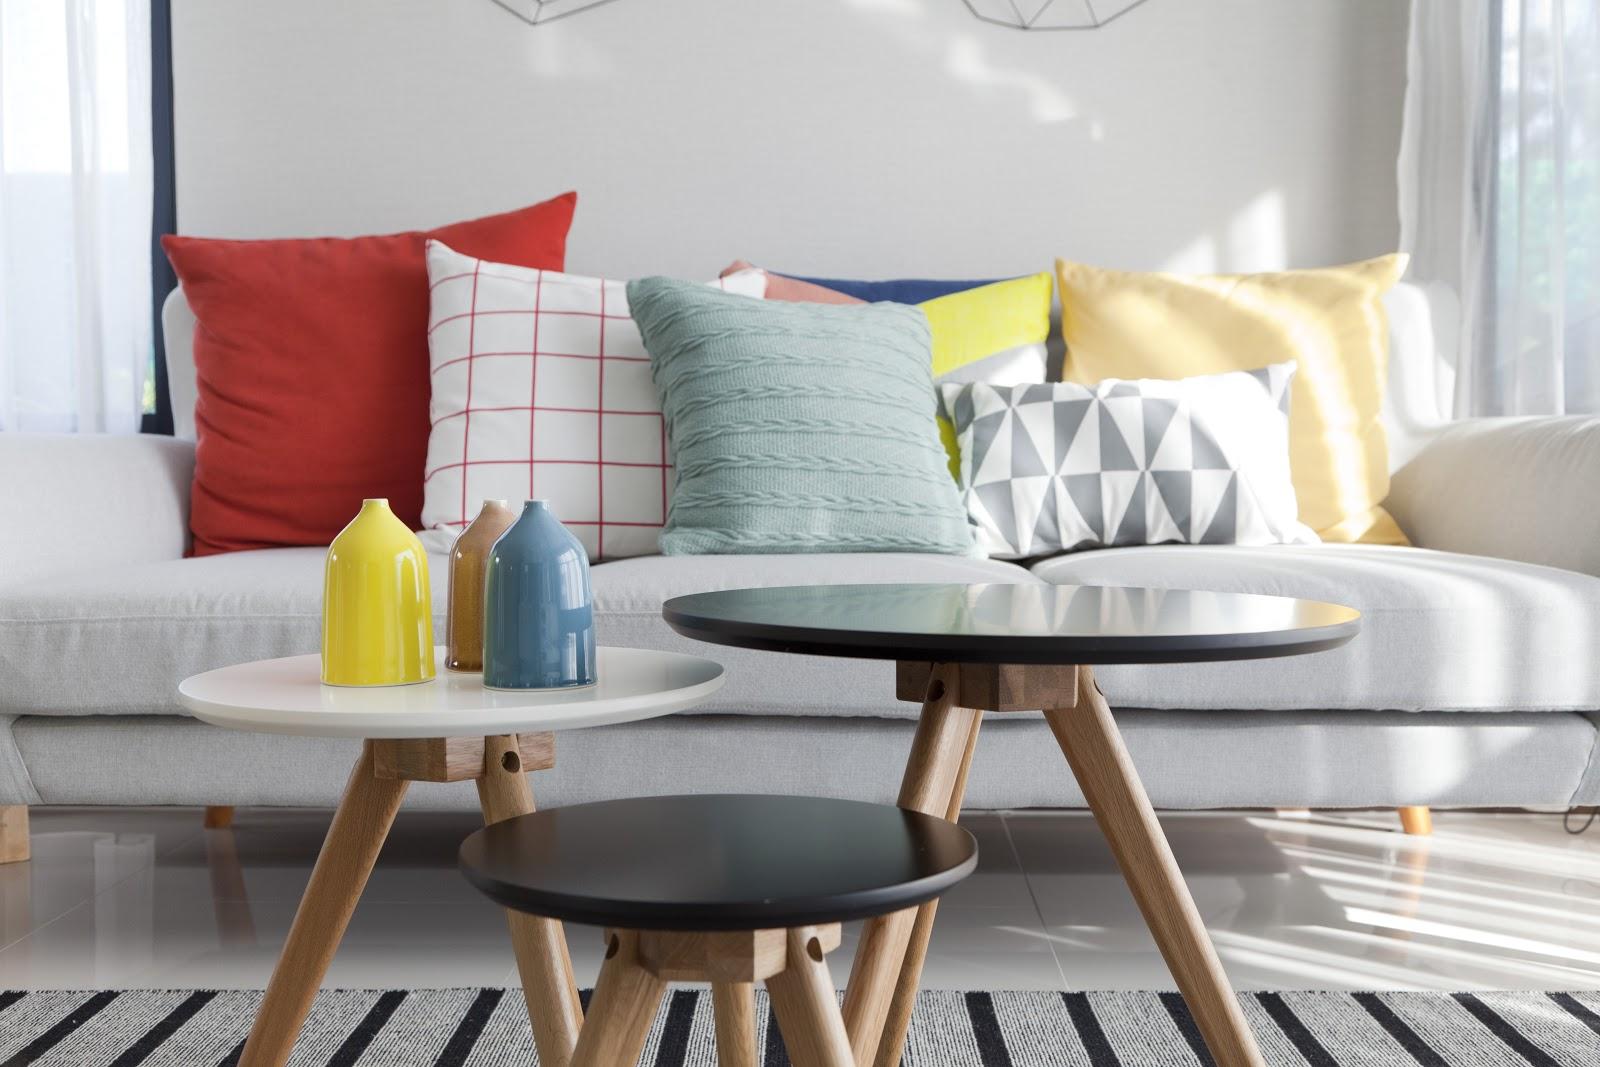 Apartment Decorating Ideas-image